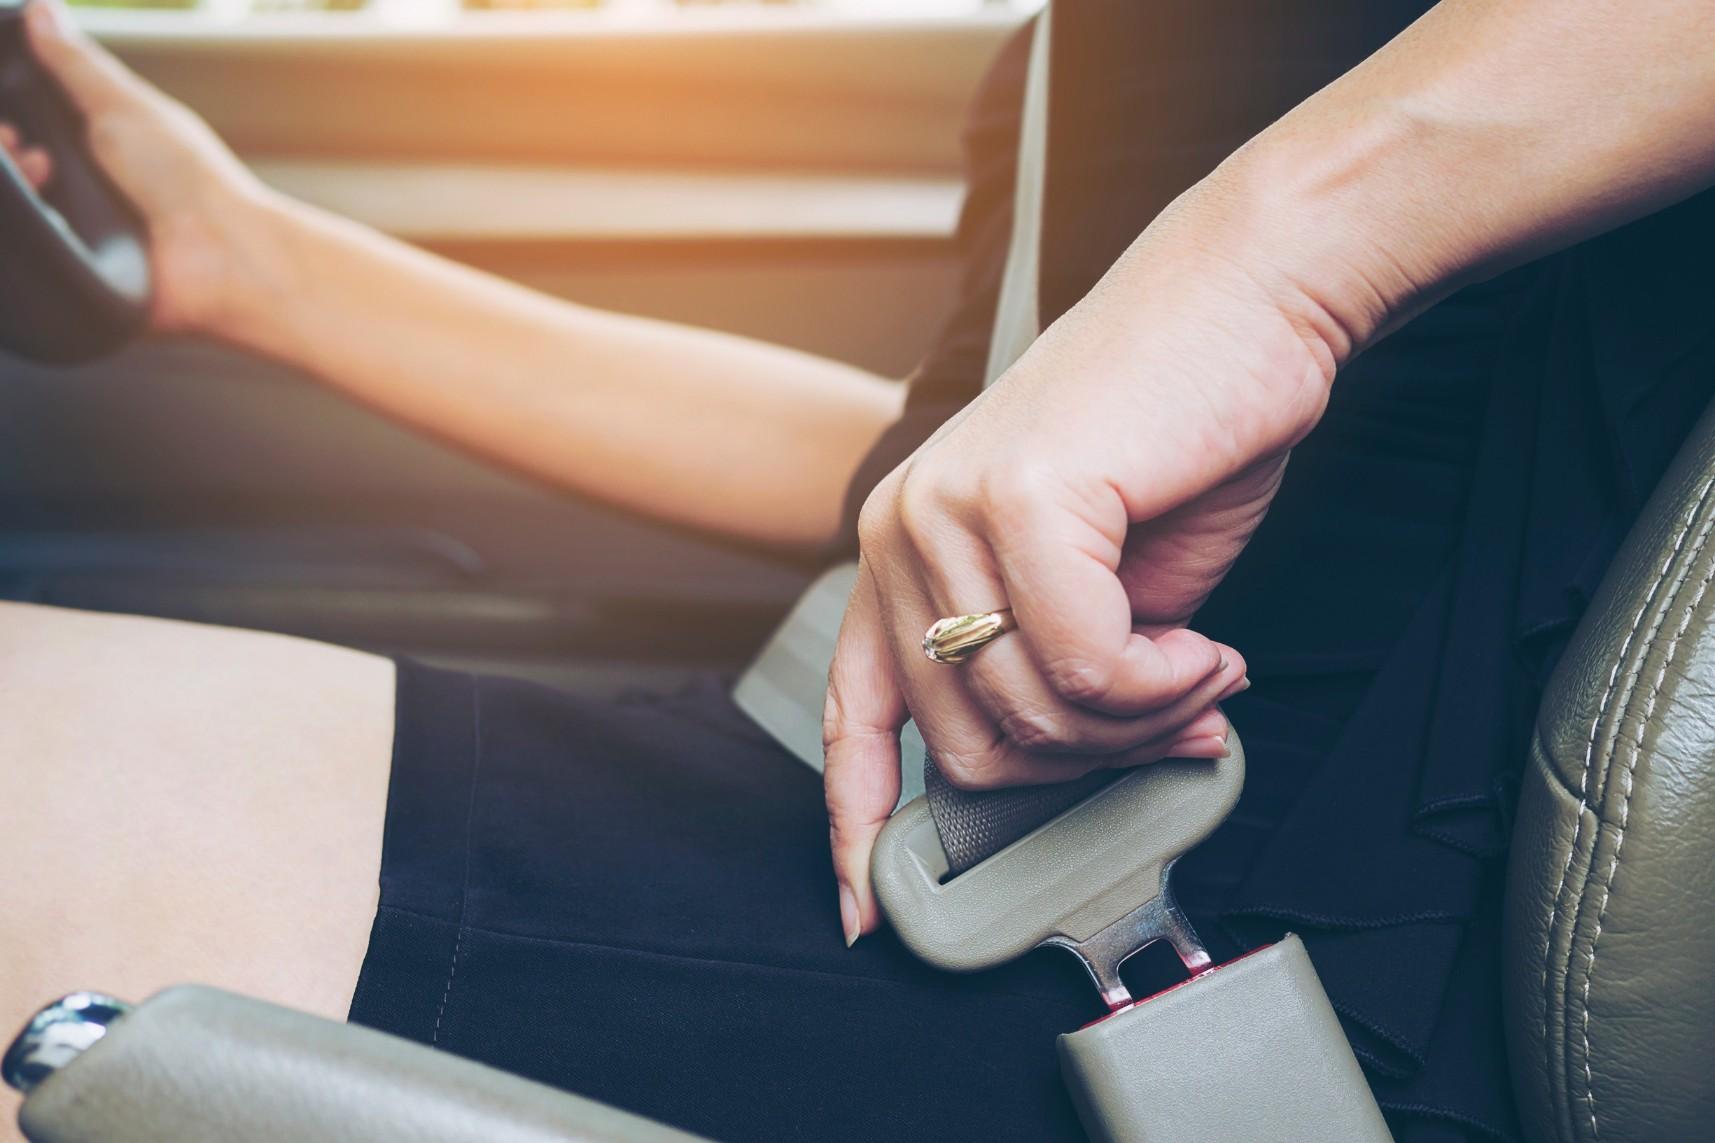 אישה ברכב בזמן נהיגה ללא חגורת בטיחות